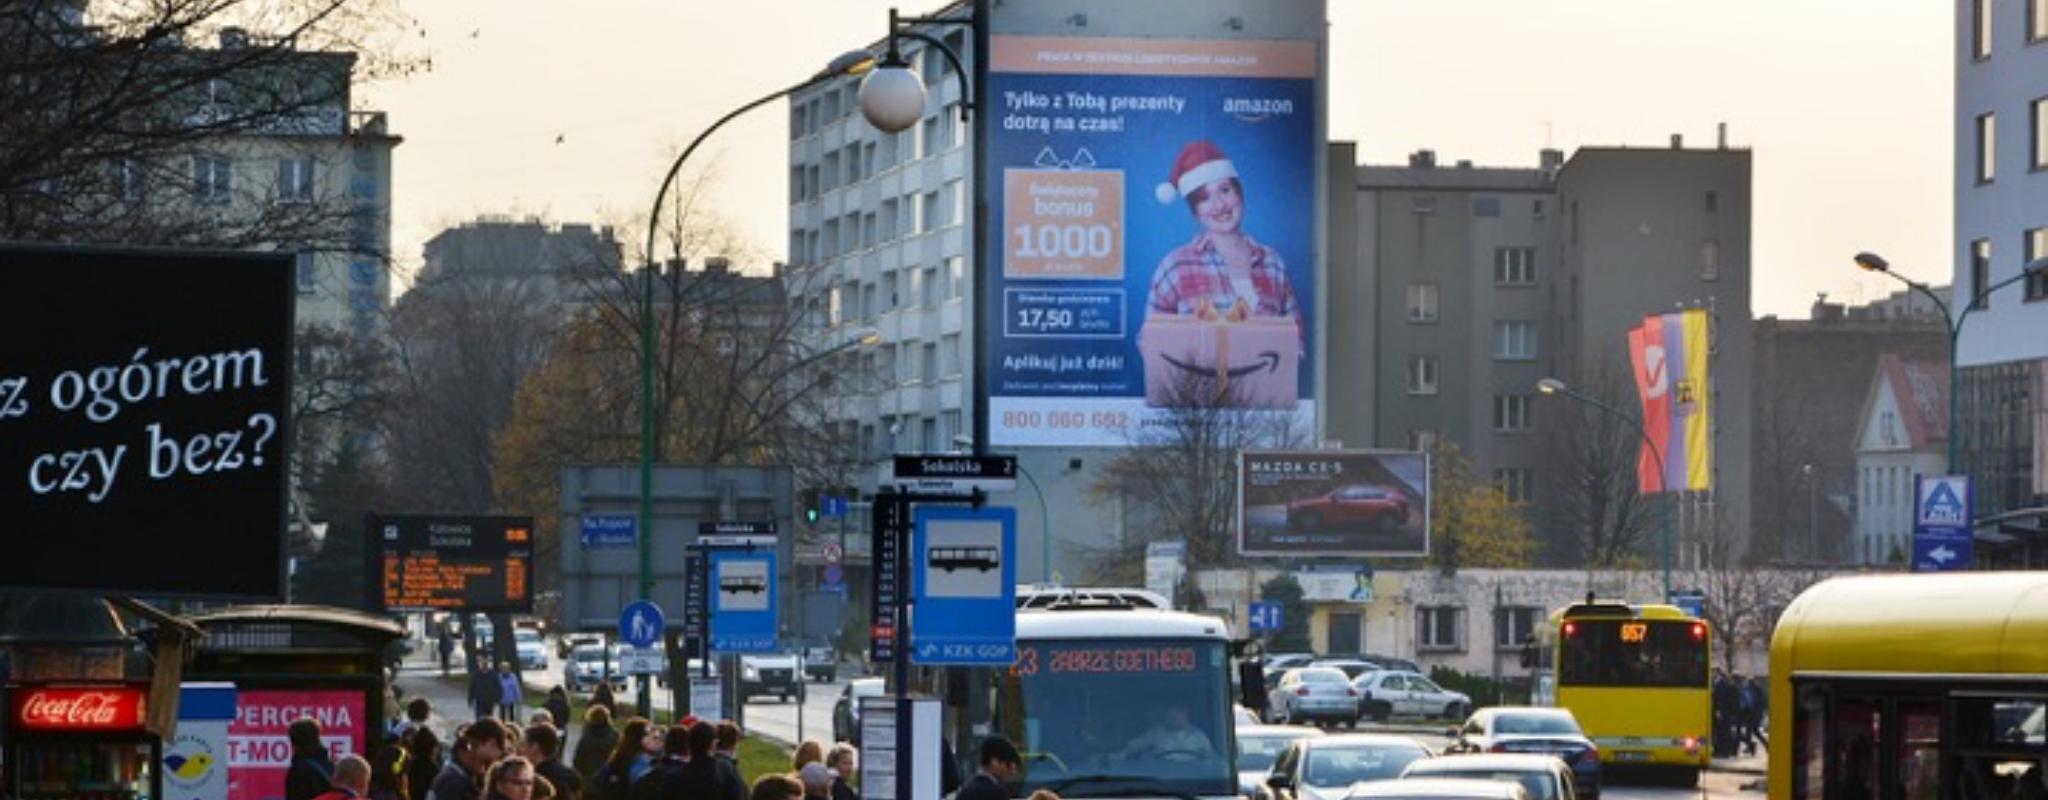 nośnik reklamowy katowice